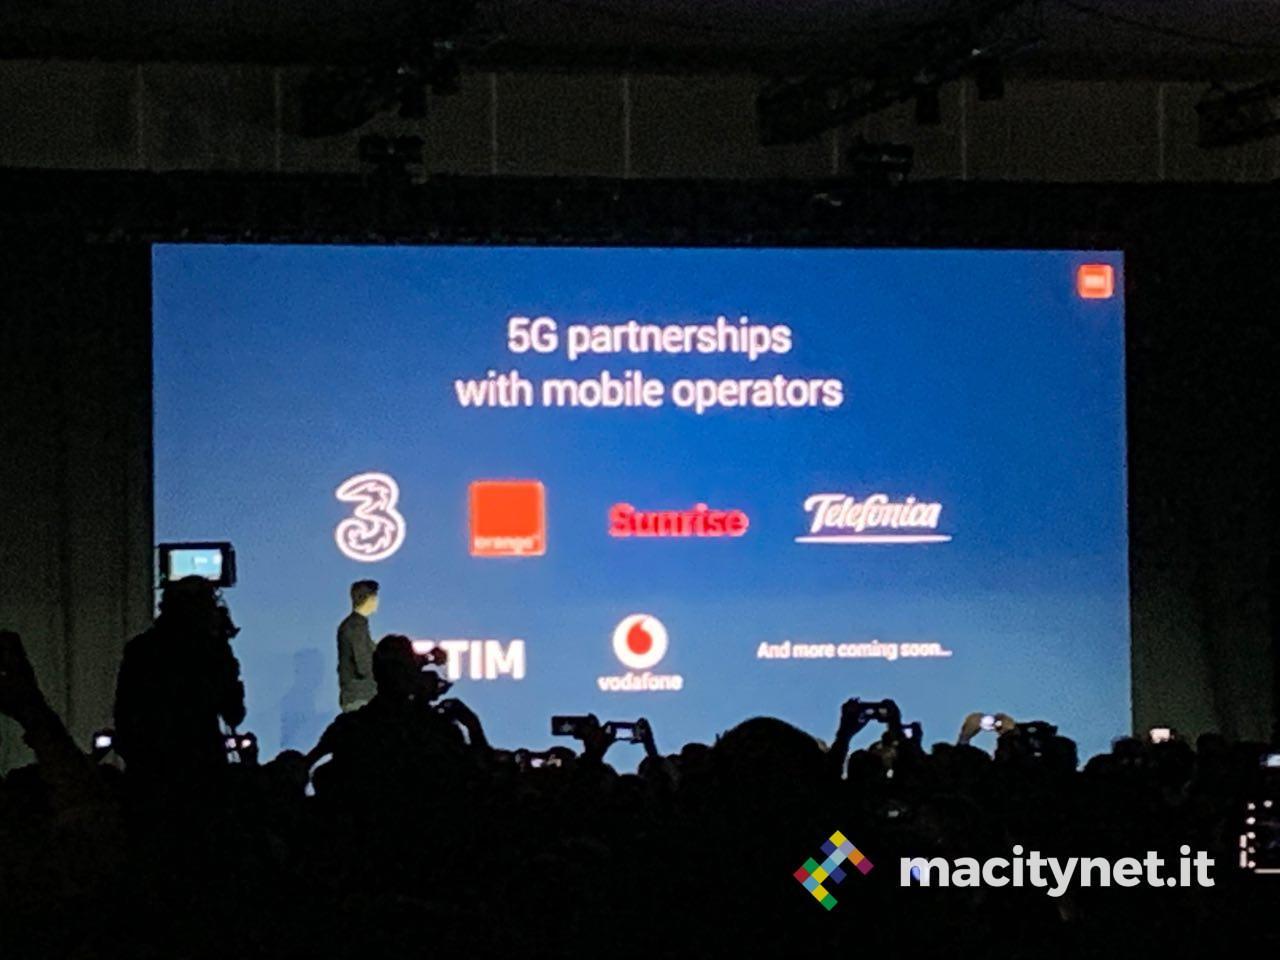 Xiaomi Mi Mix 3 5G: supporto a Tim, 3 e Vofadone, a partire da 599 euro